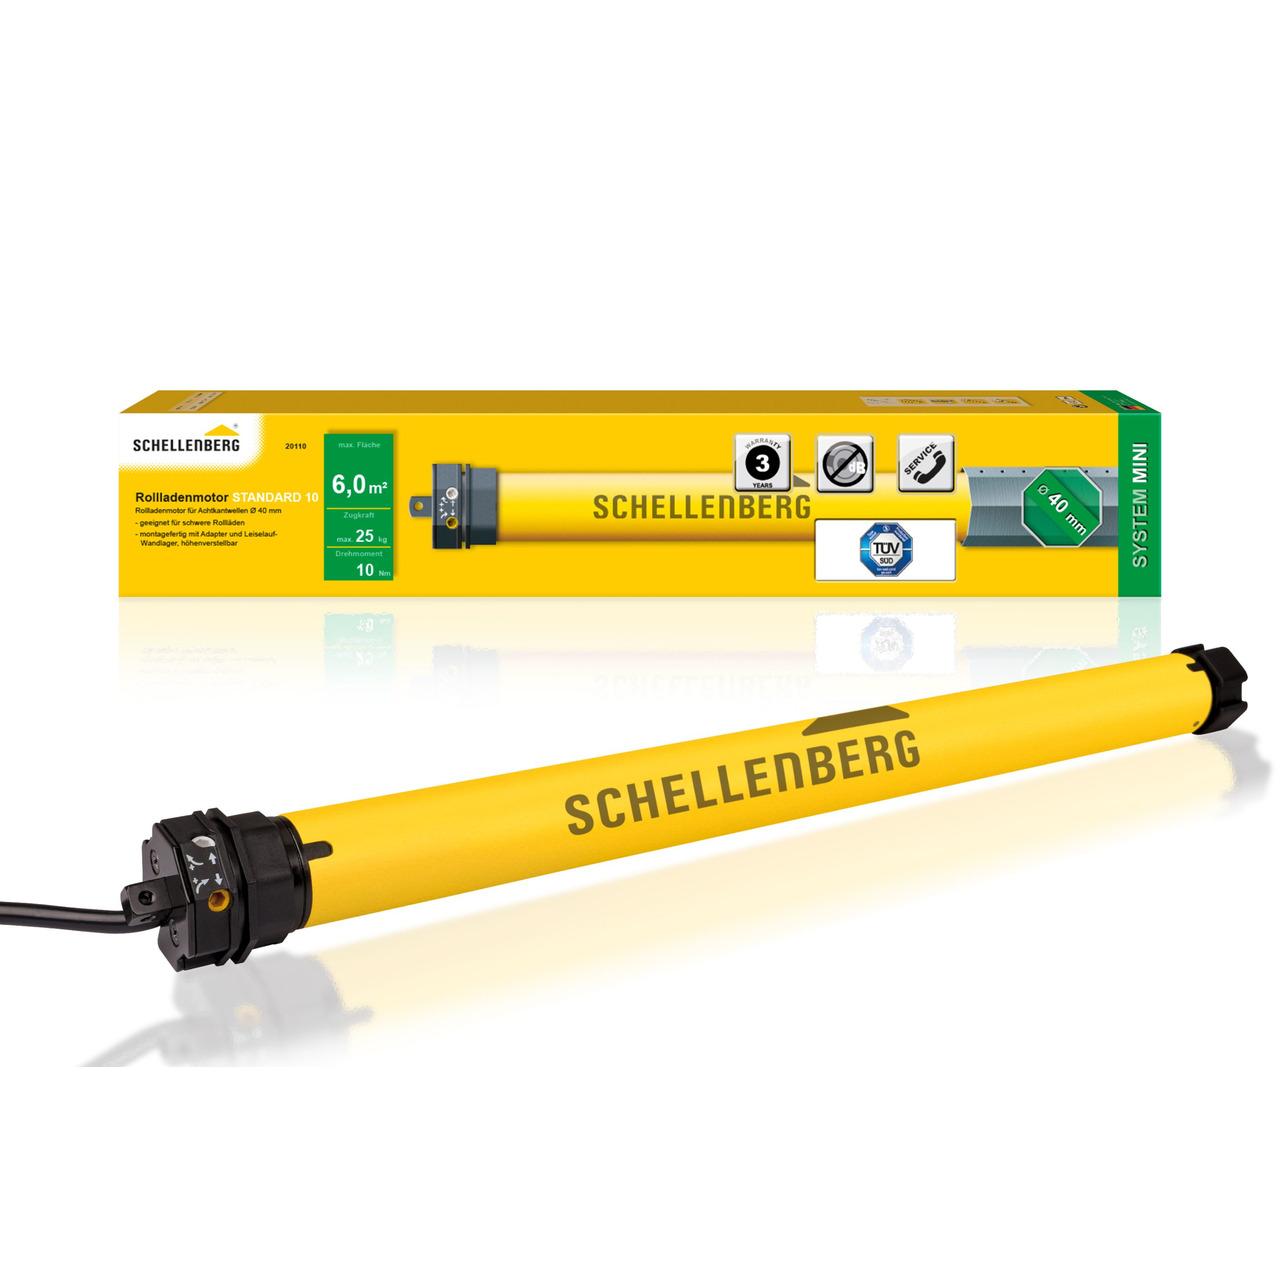 Schellenberg Mechanischer Rohrmotor STANDARD für SW40- 10 Nm